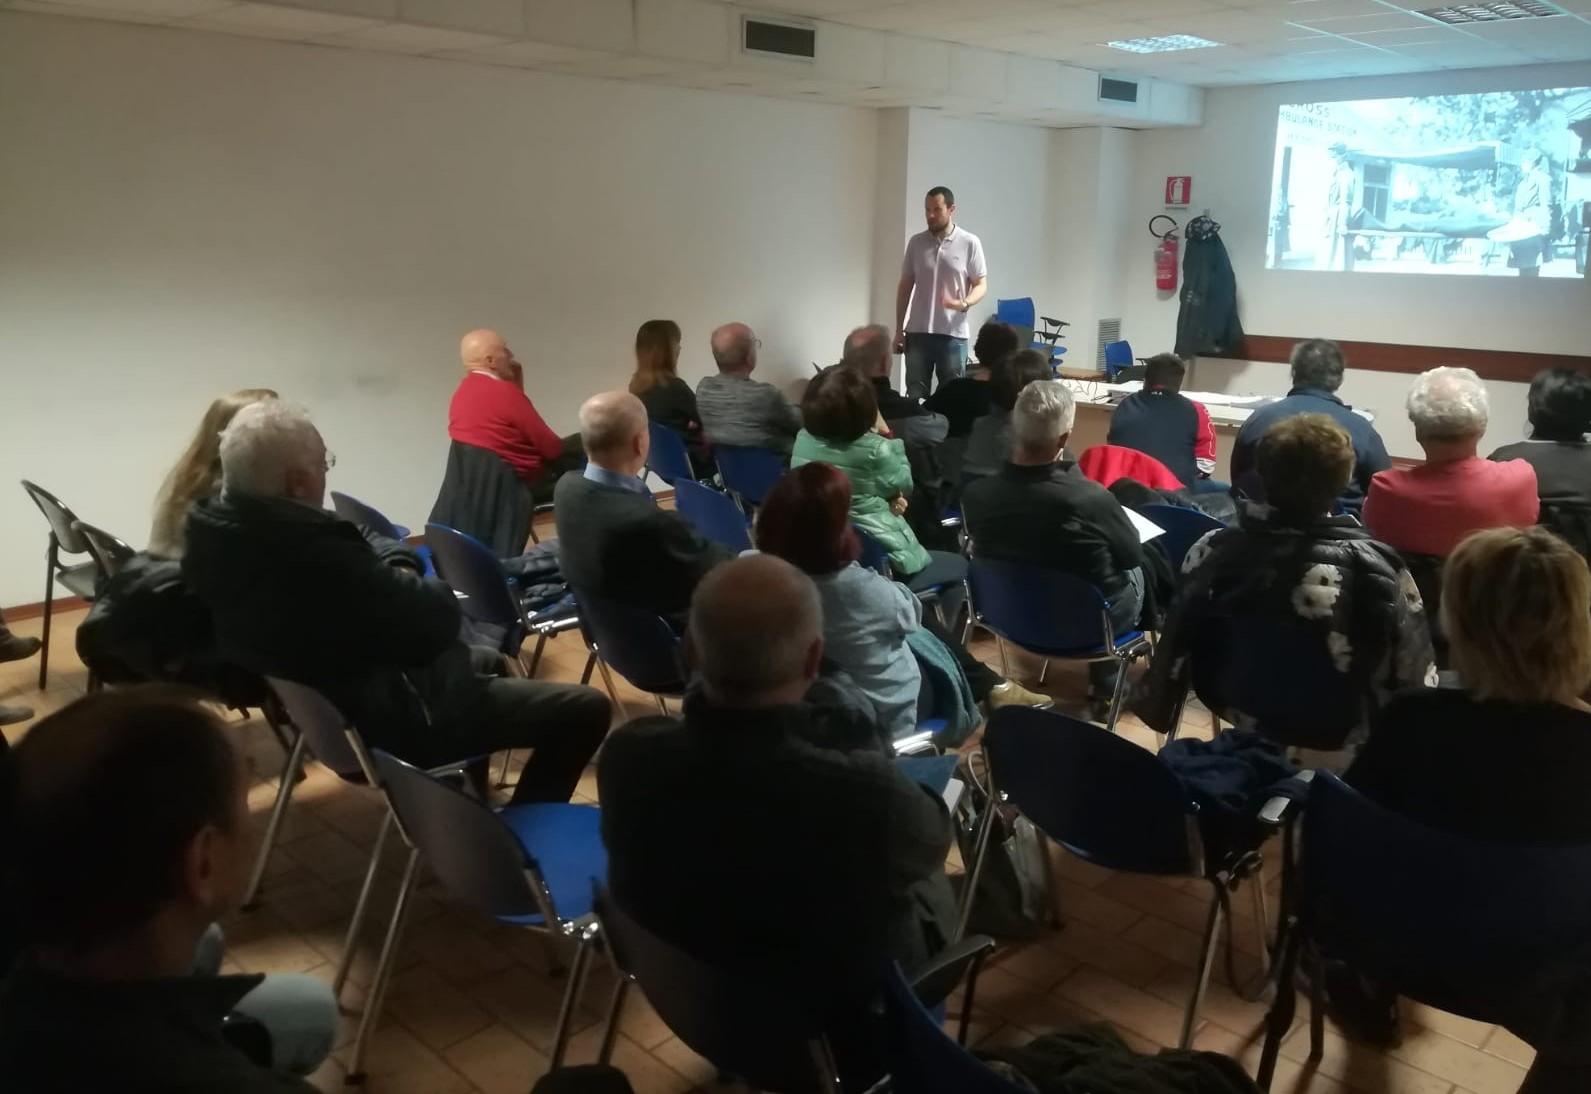 Una lezione del corso Le radici storiche del presente nel Quartiere Madonnina